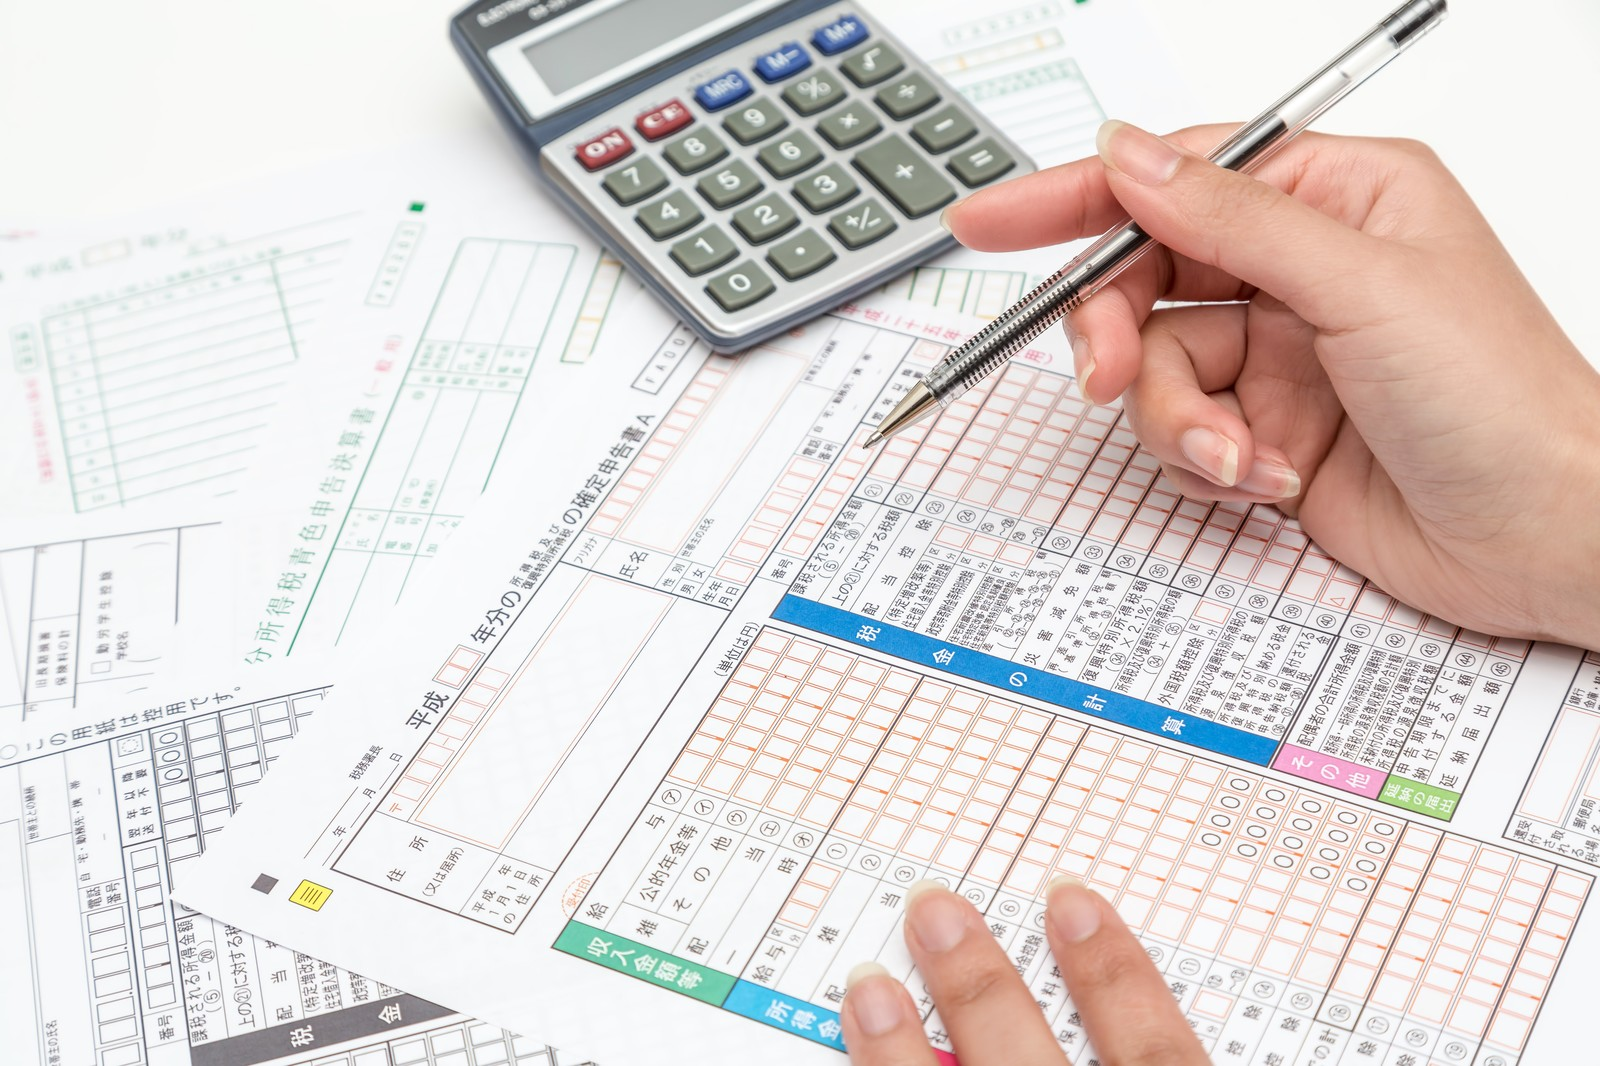 稼げる資格である税理士が確定申告の資料をまとめているのをイメージした画像